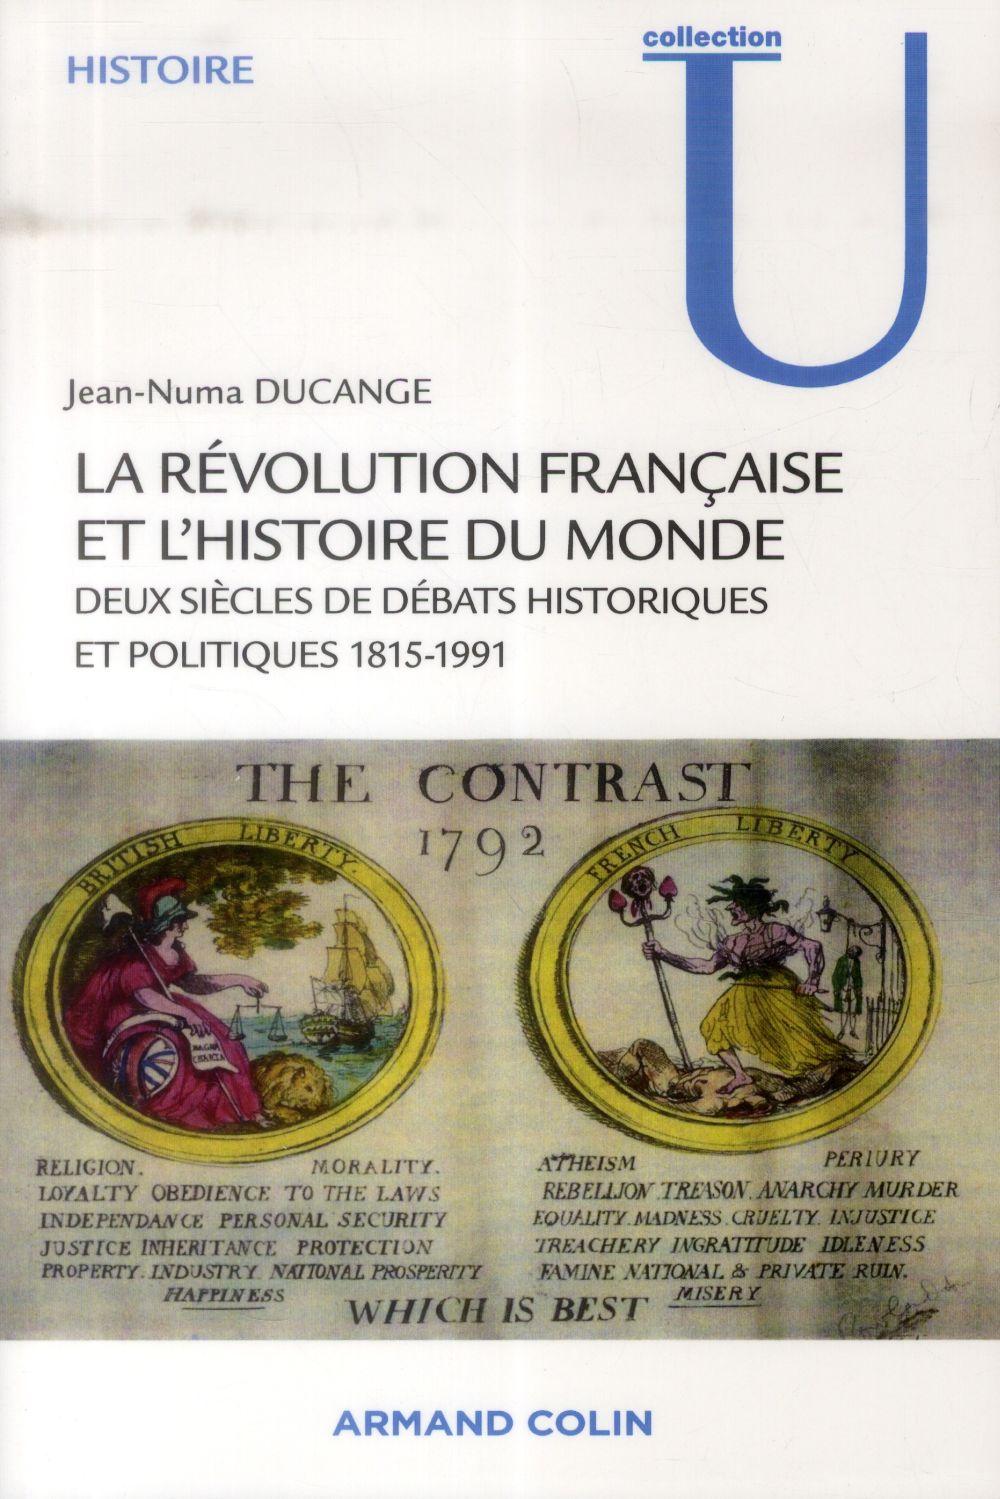 La Révolution française dans l'histoire du monde